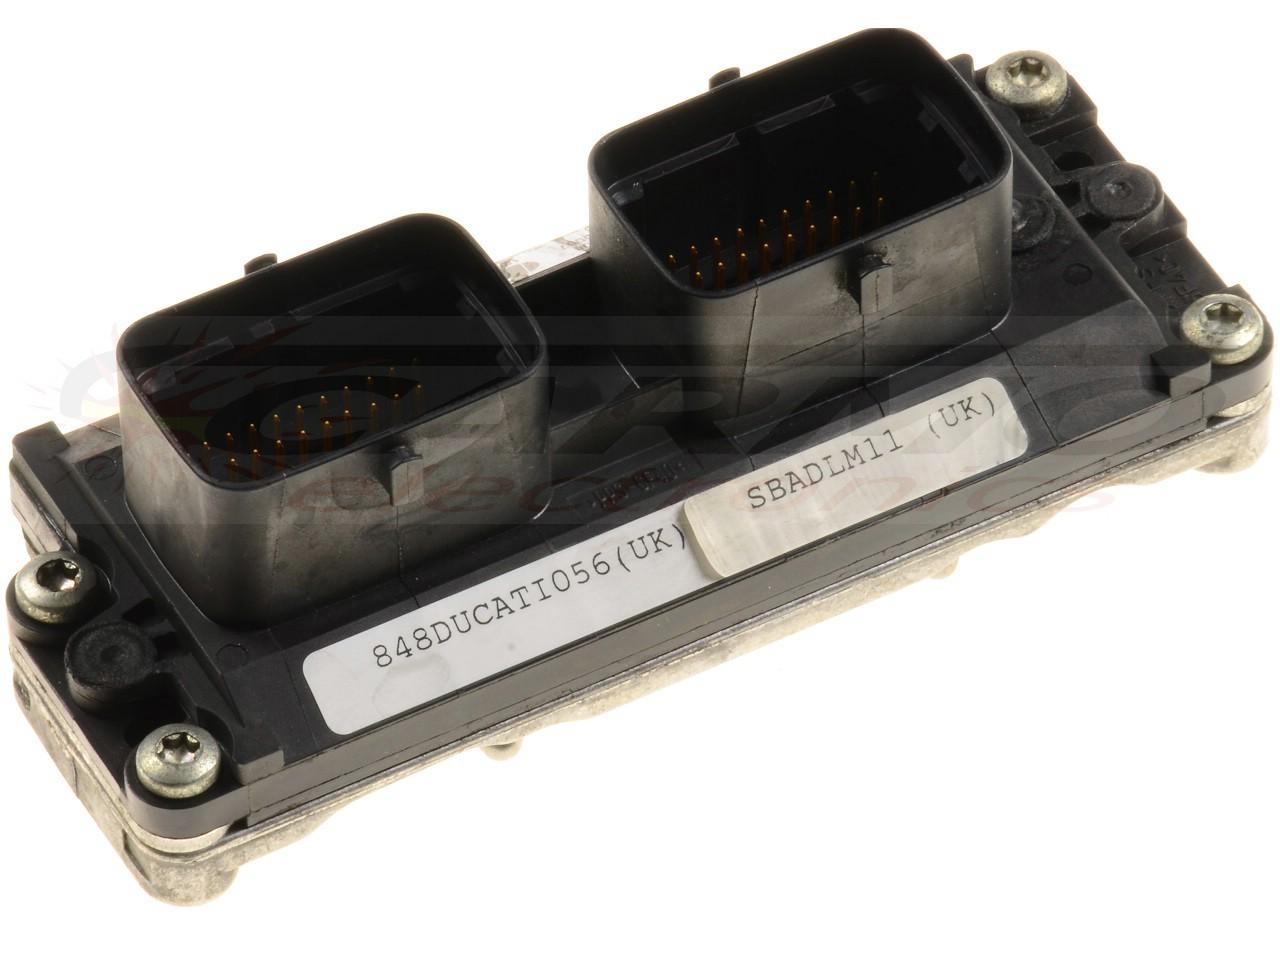 Superbike 848 ECU ECM CDI black box computer brain (IAW 5AM / IAW5AM